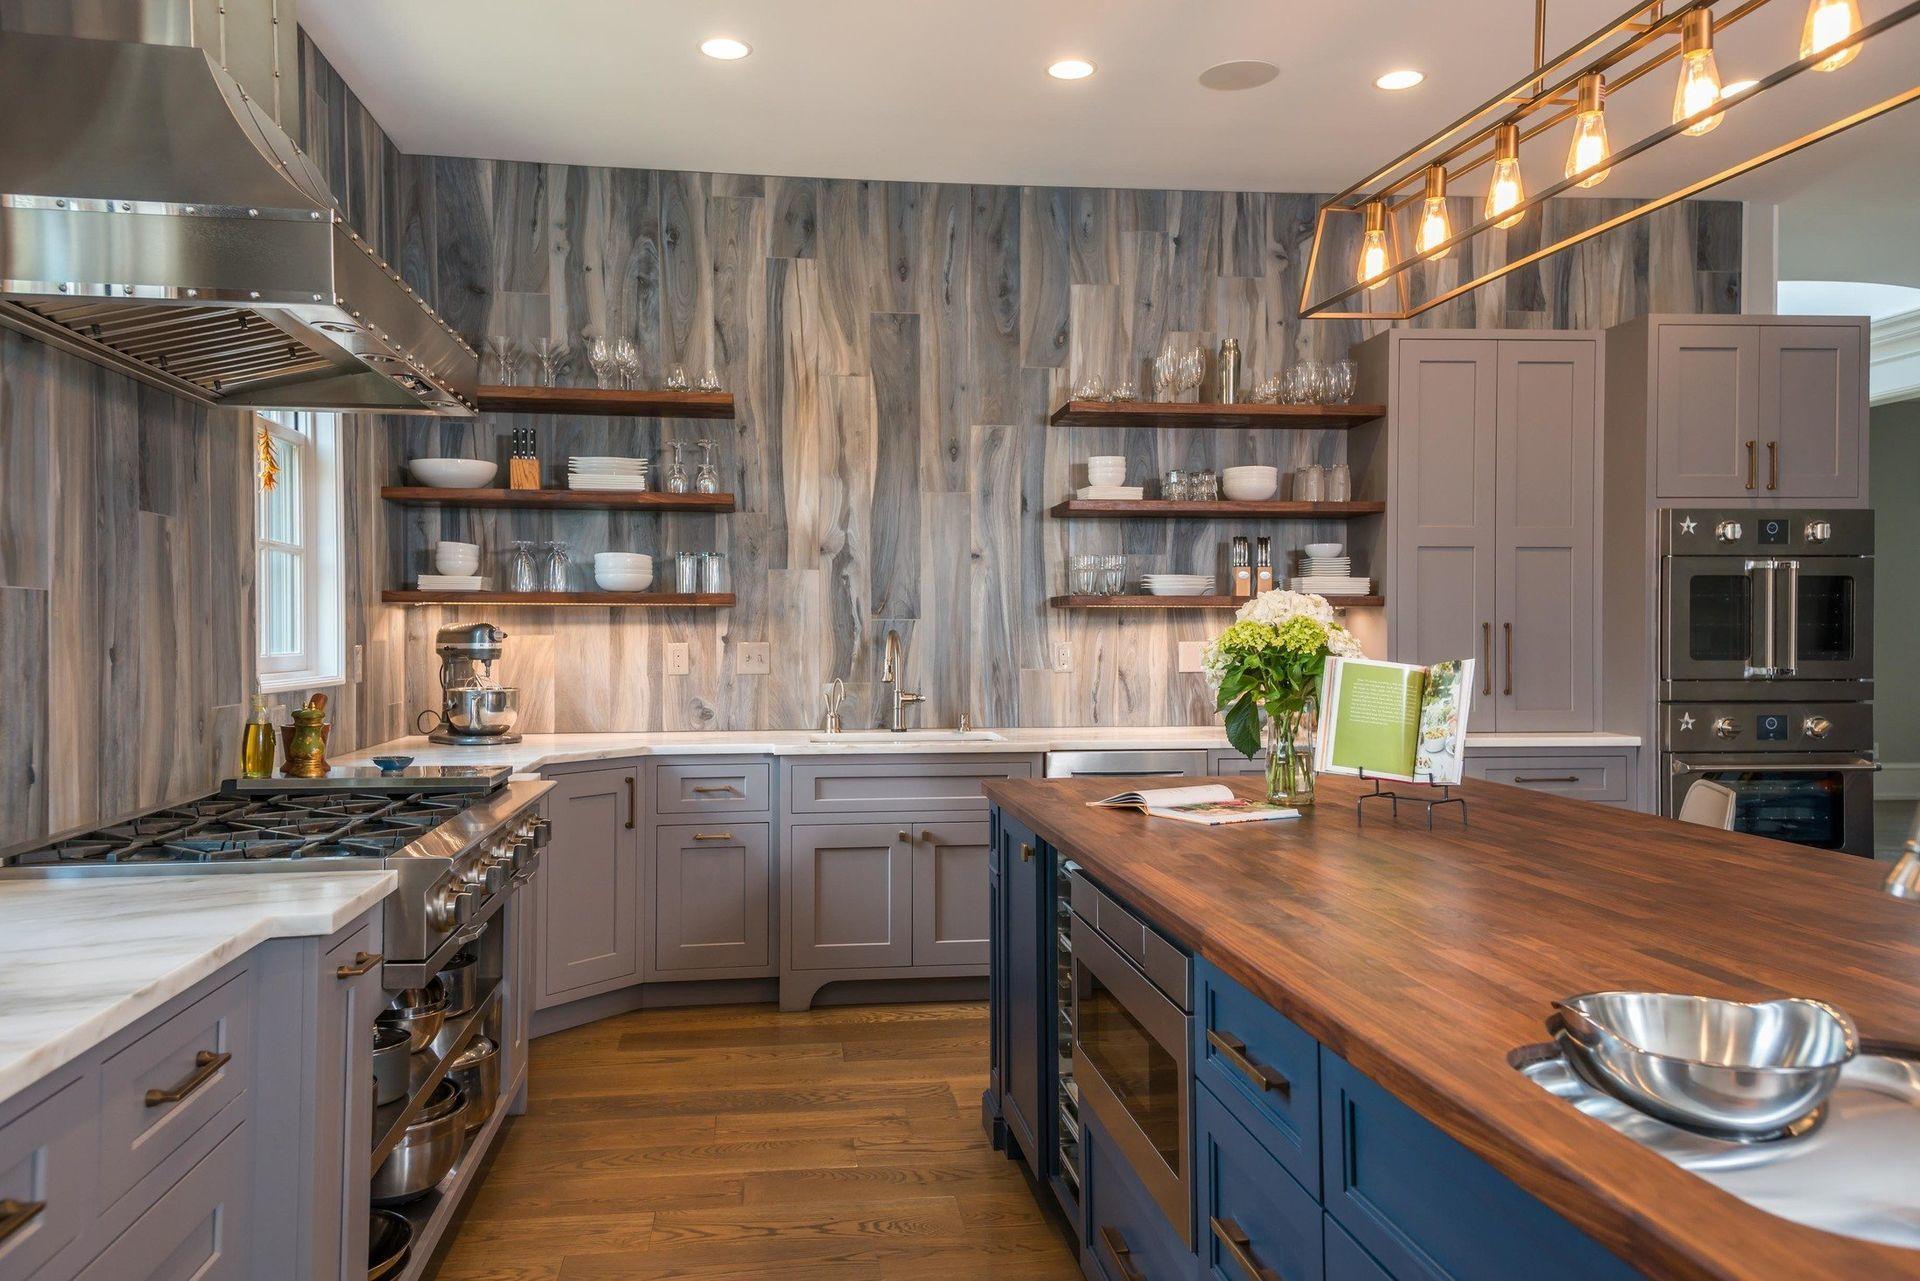 Kentucky Flair Grabill Cabinets Kitchen Cabinetry Cabinet Kitchen Cabinets